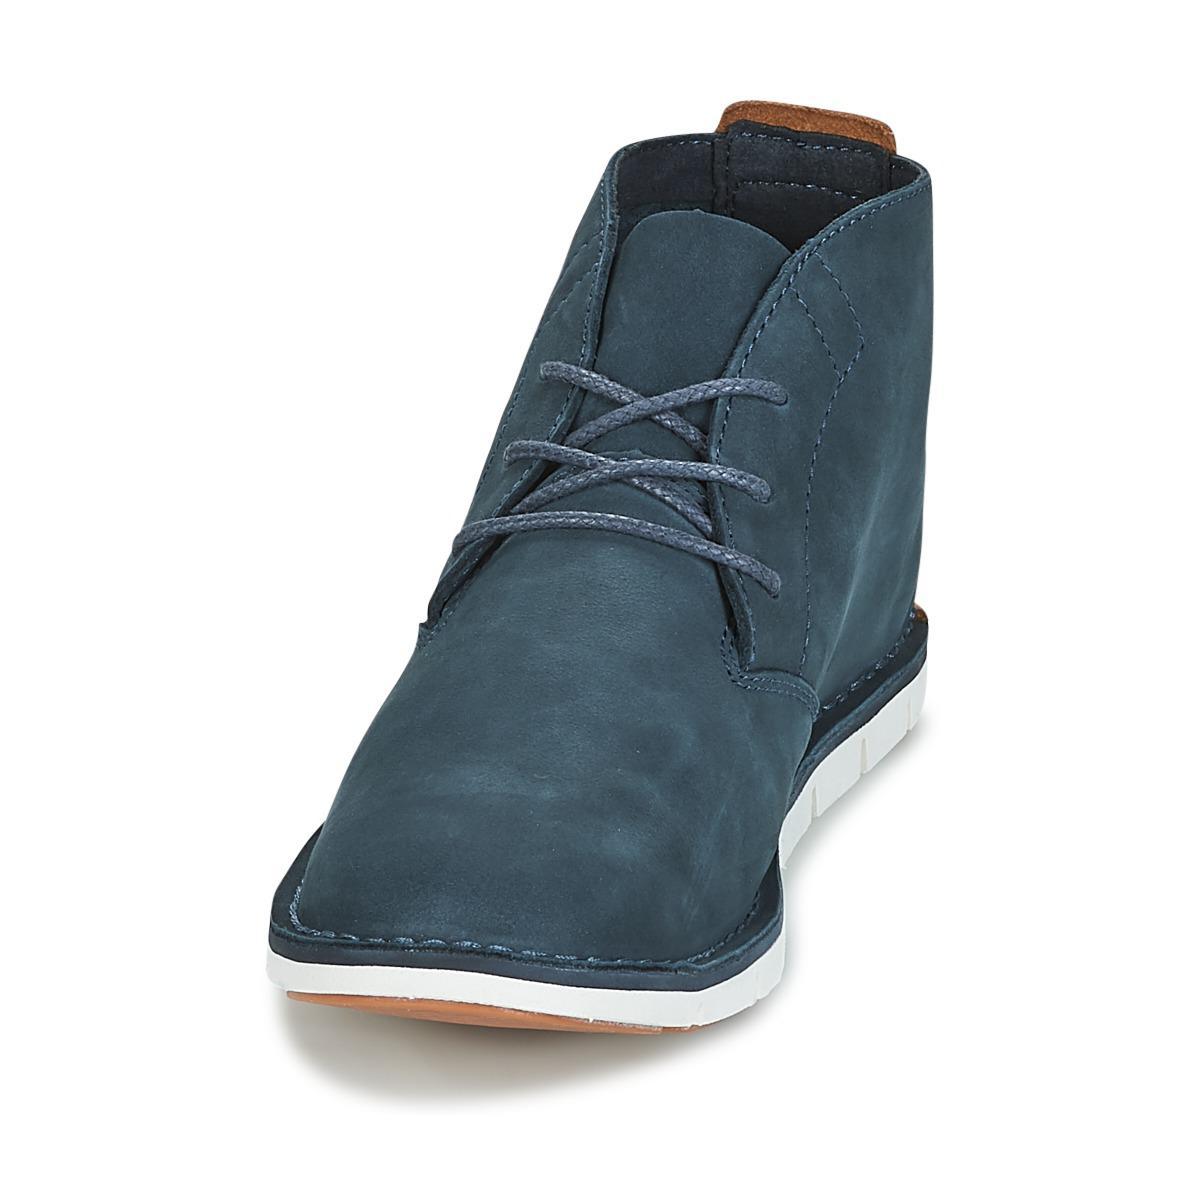 Pour Homme Coloris En Bleu Desert Boots Tidelands Lyst Timberland Boot 1RBYX